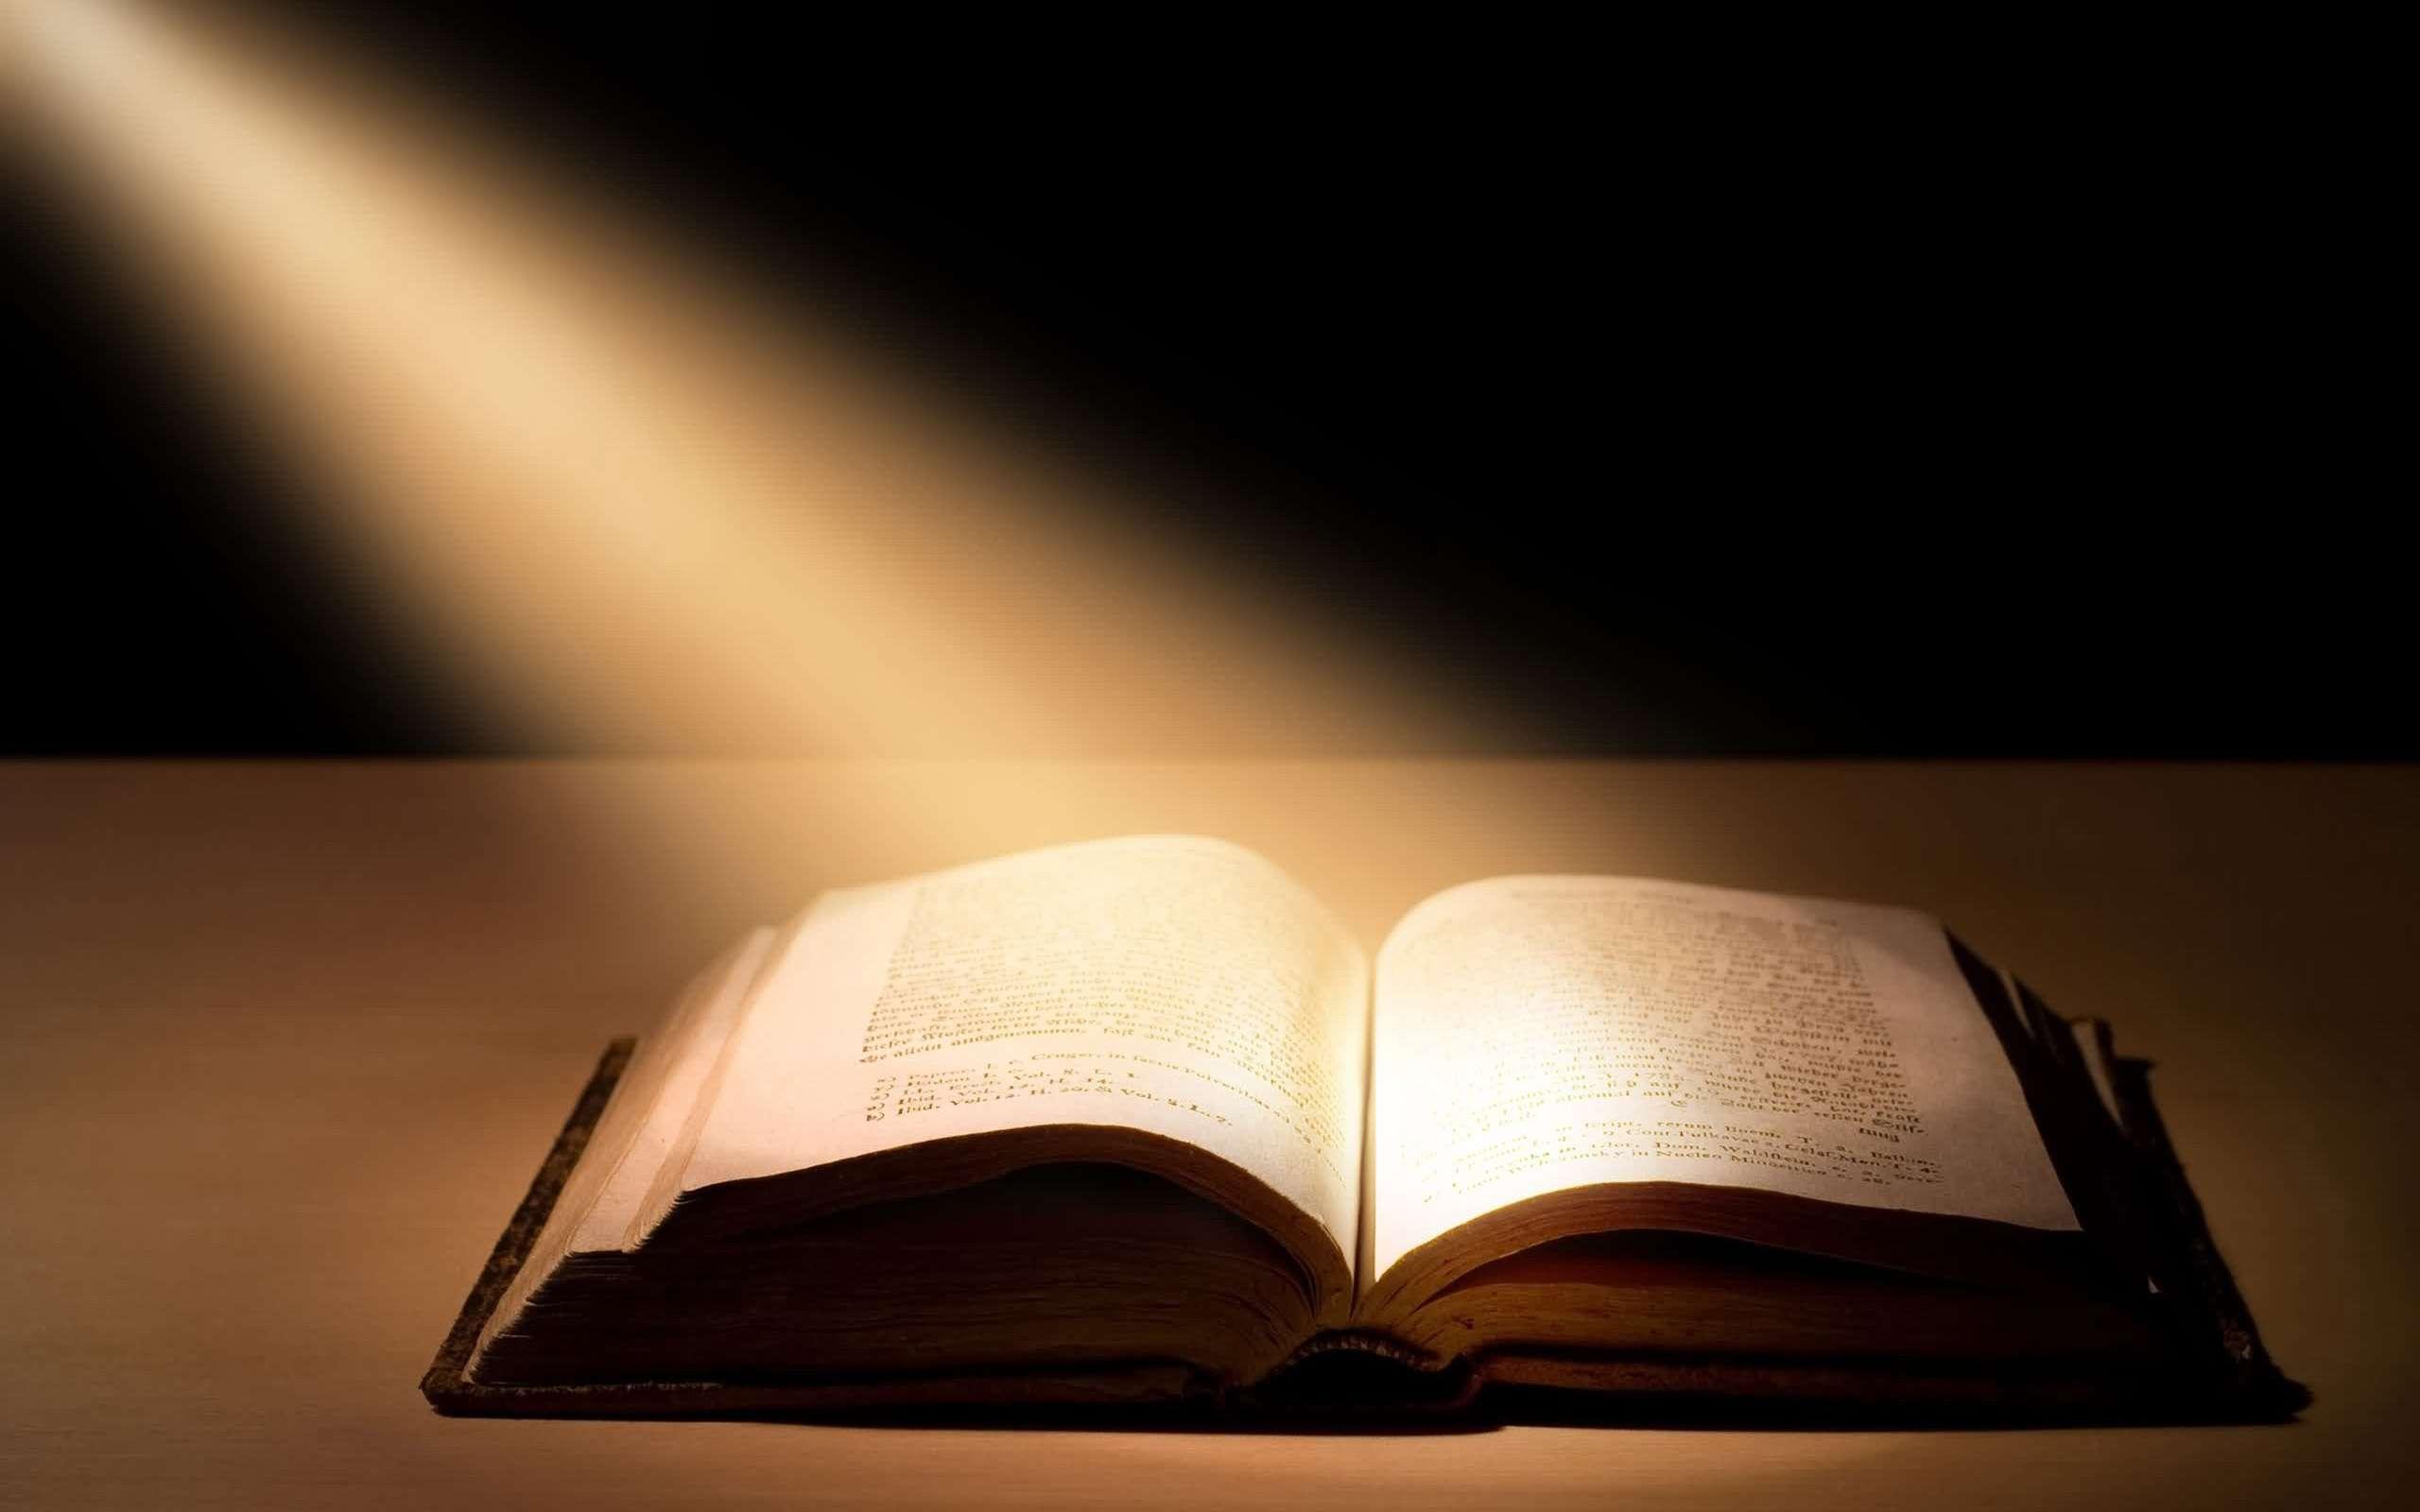 Fonds d'écran Bible : tous les wallpapers Bible